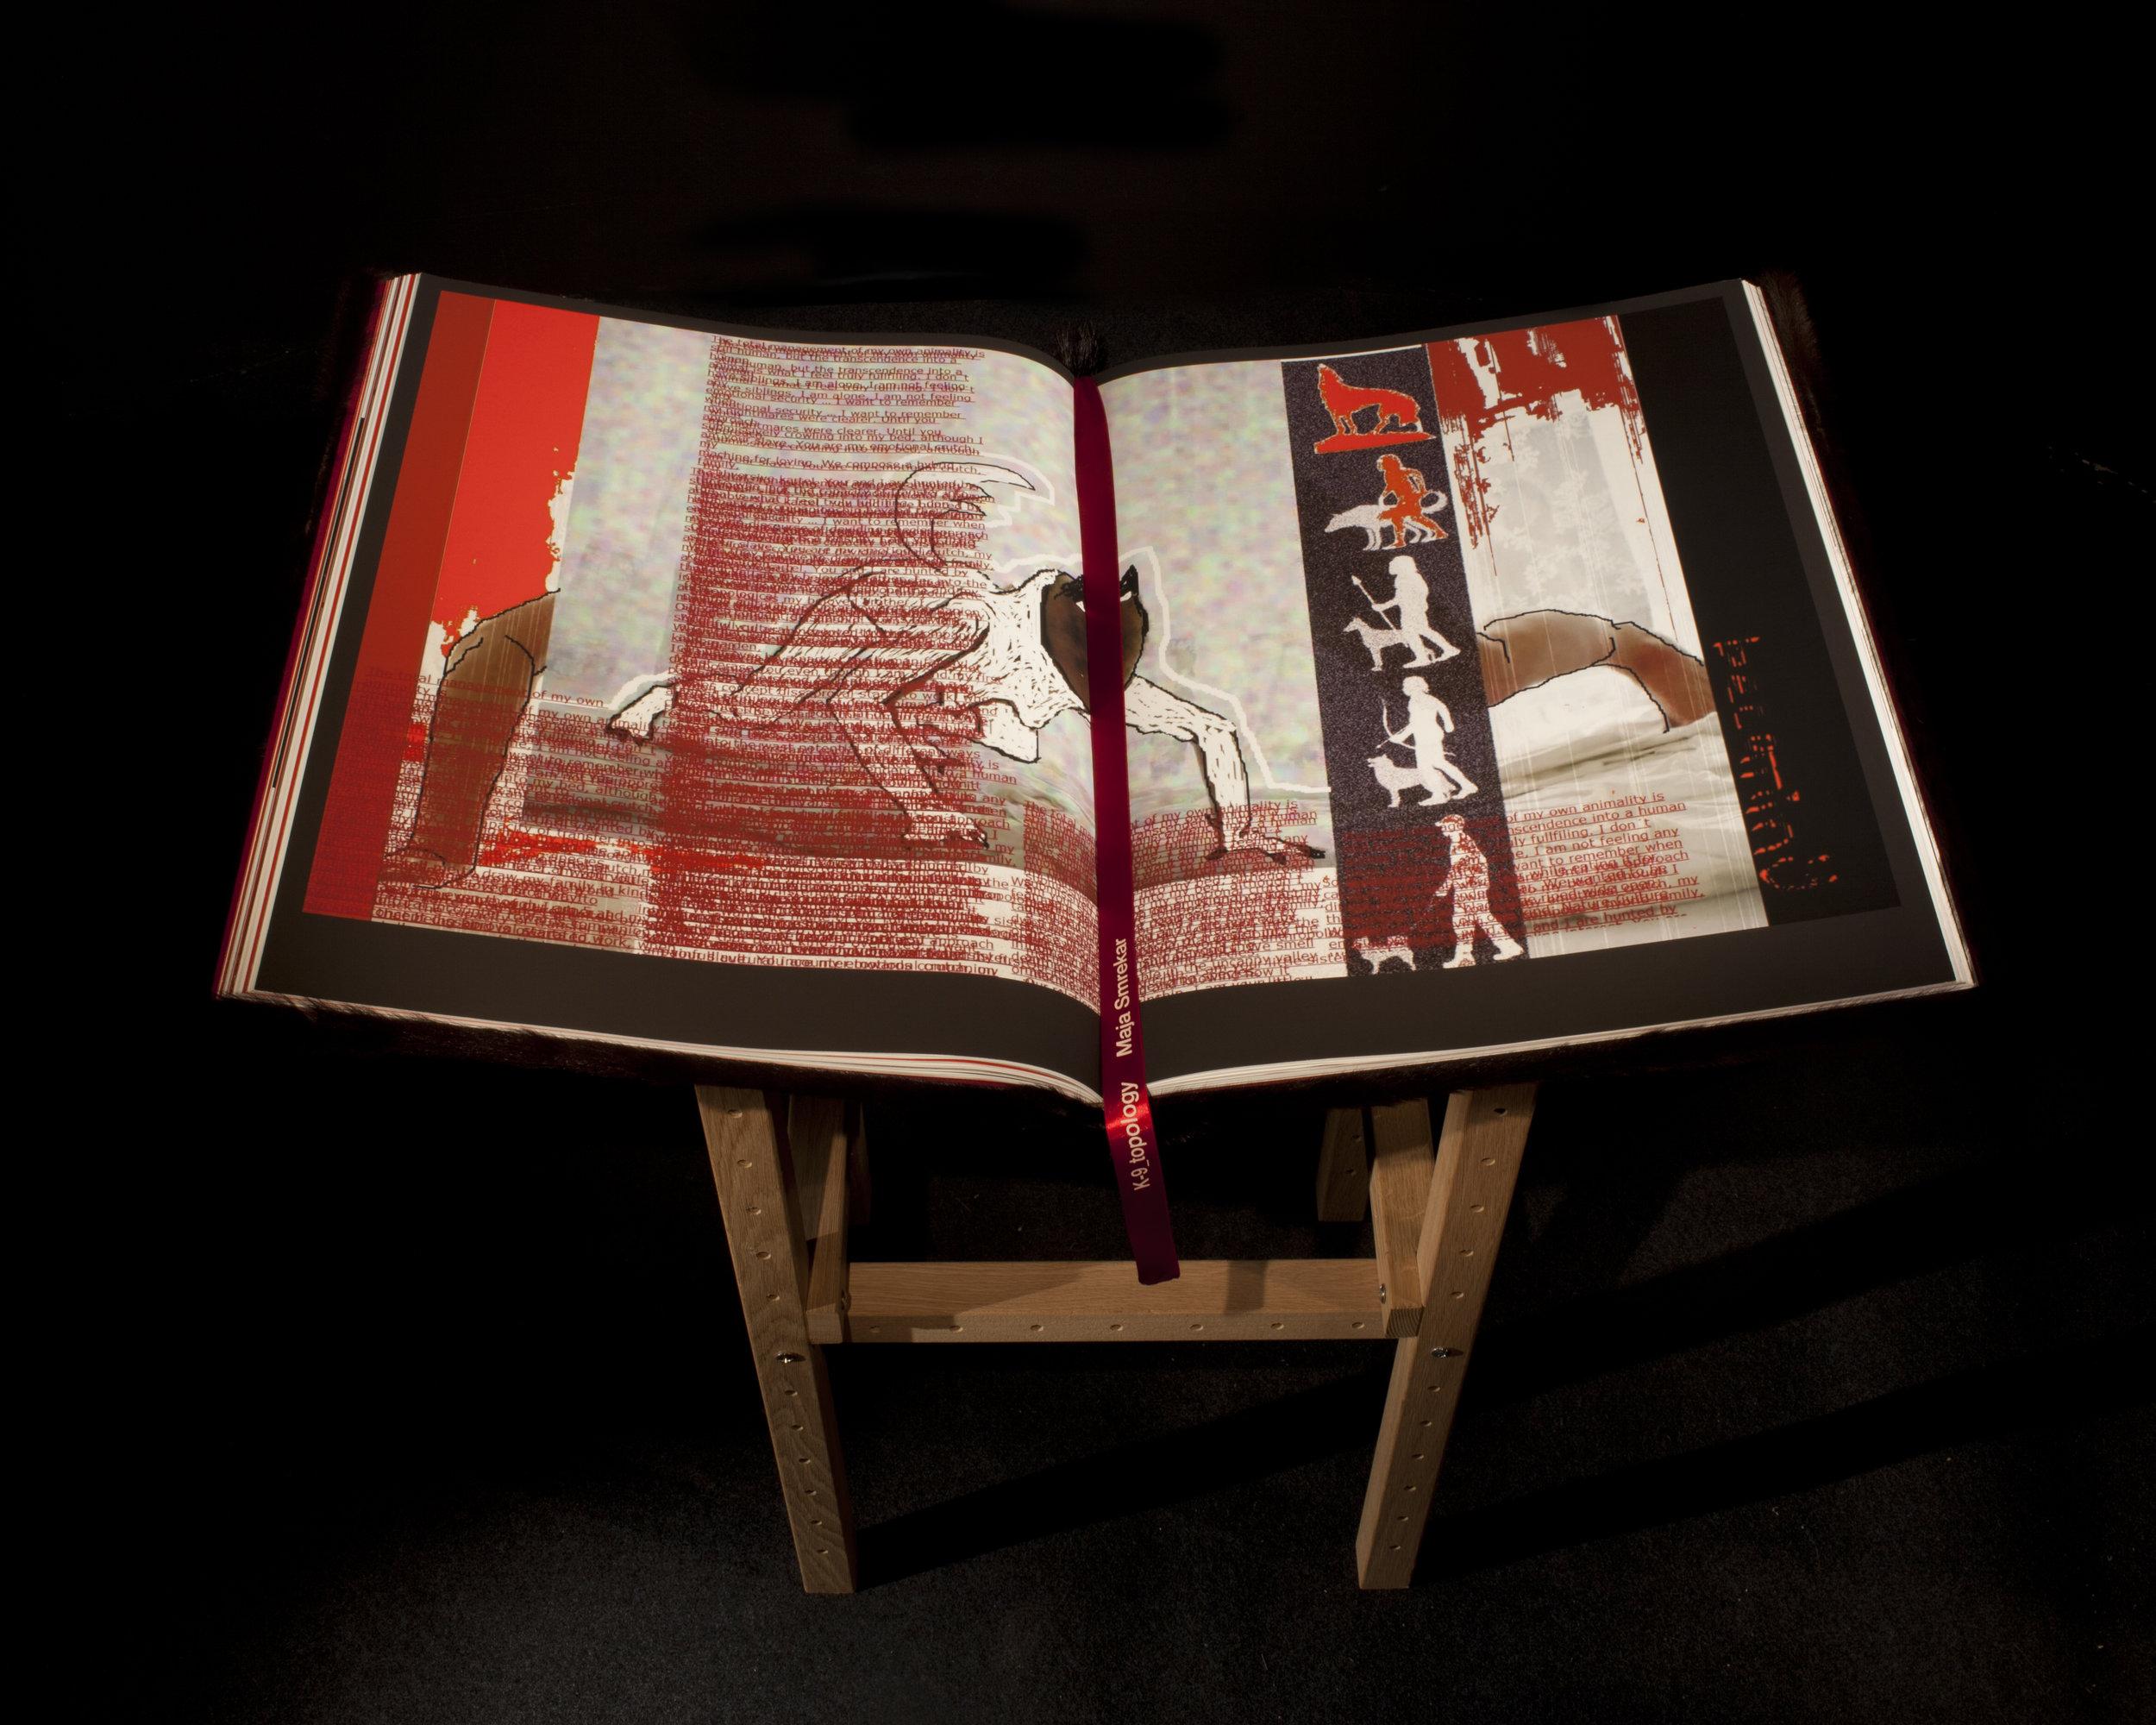 05_ARTIST BOOK.JPG